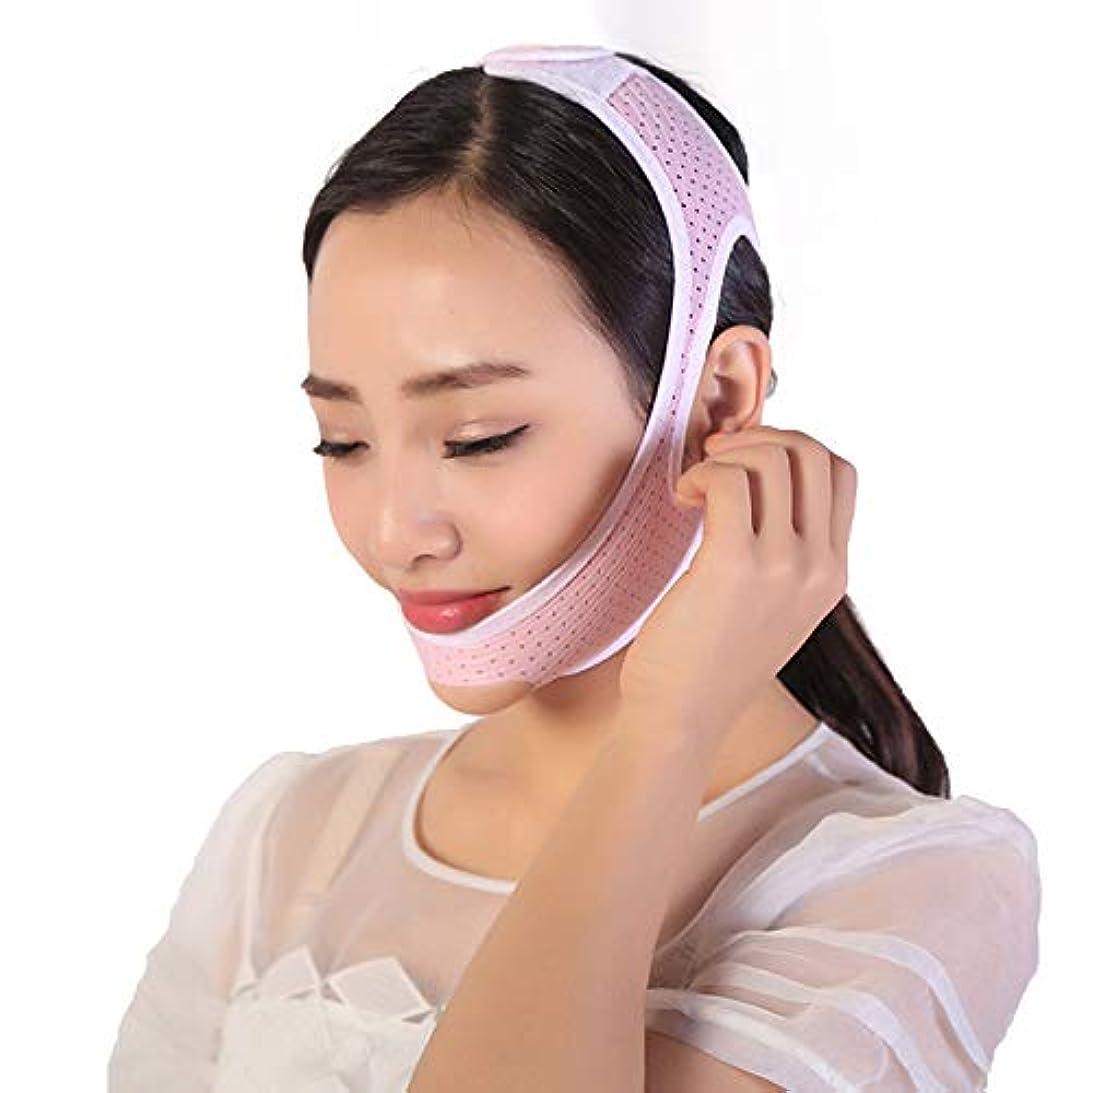 天才メドレー証明GYZ フェイシャルリフティングスリミングベルト - 薄型フェイス包帯ダブルチンデバイスフェイシャルマッサージアンチエイジングリンクルフェイスマスクベルト Thin Face Belt (Size : L)